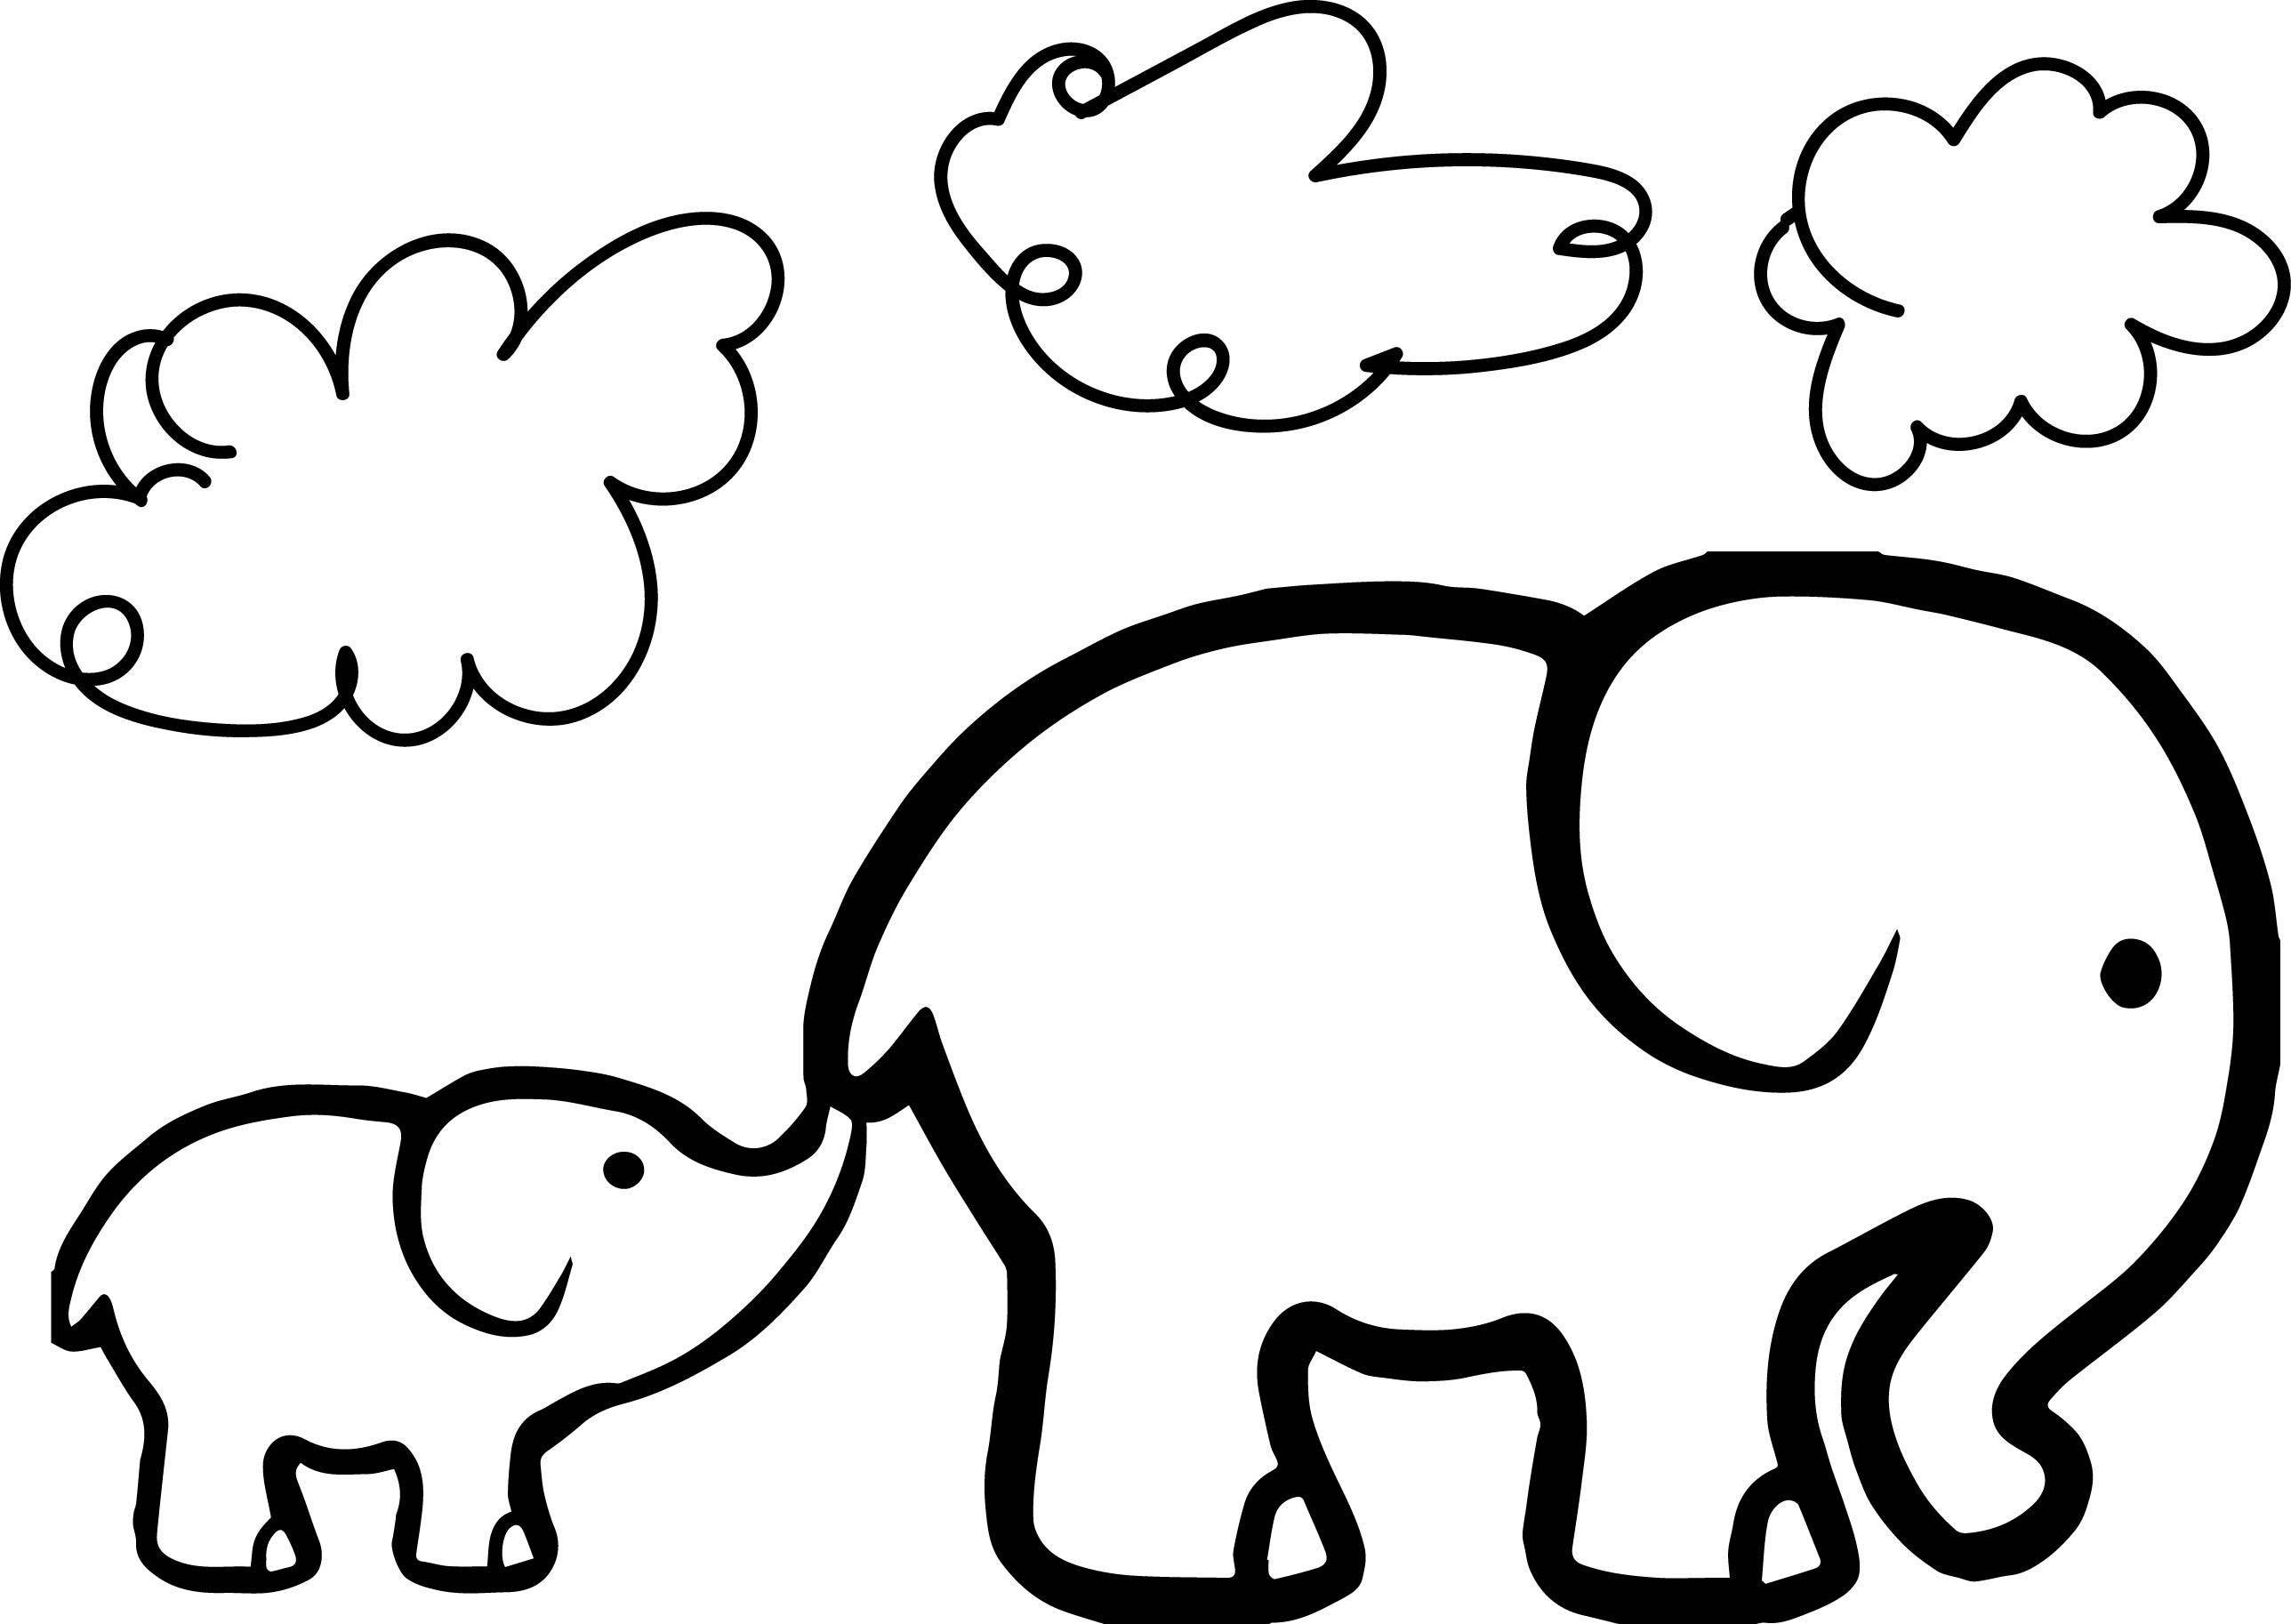 Neu Ausmalbilder Elefant #Malvorlagen #MalvorlagenfürKinder